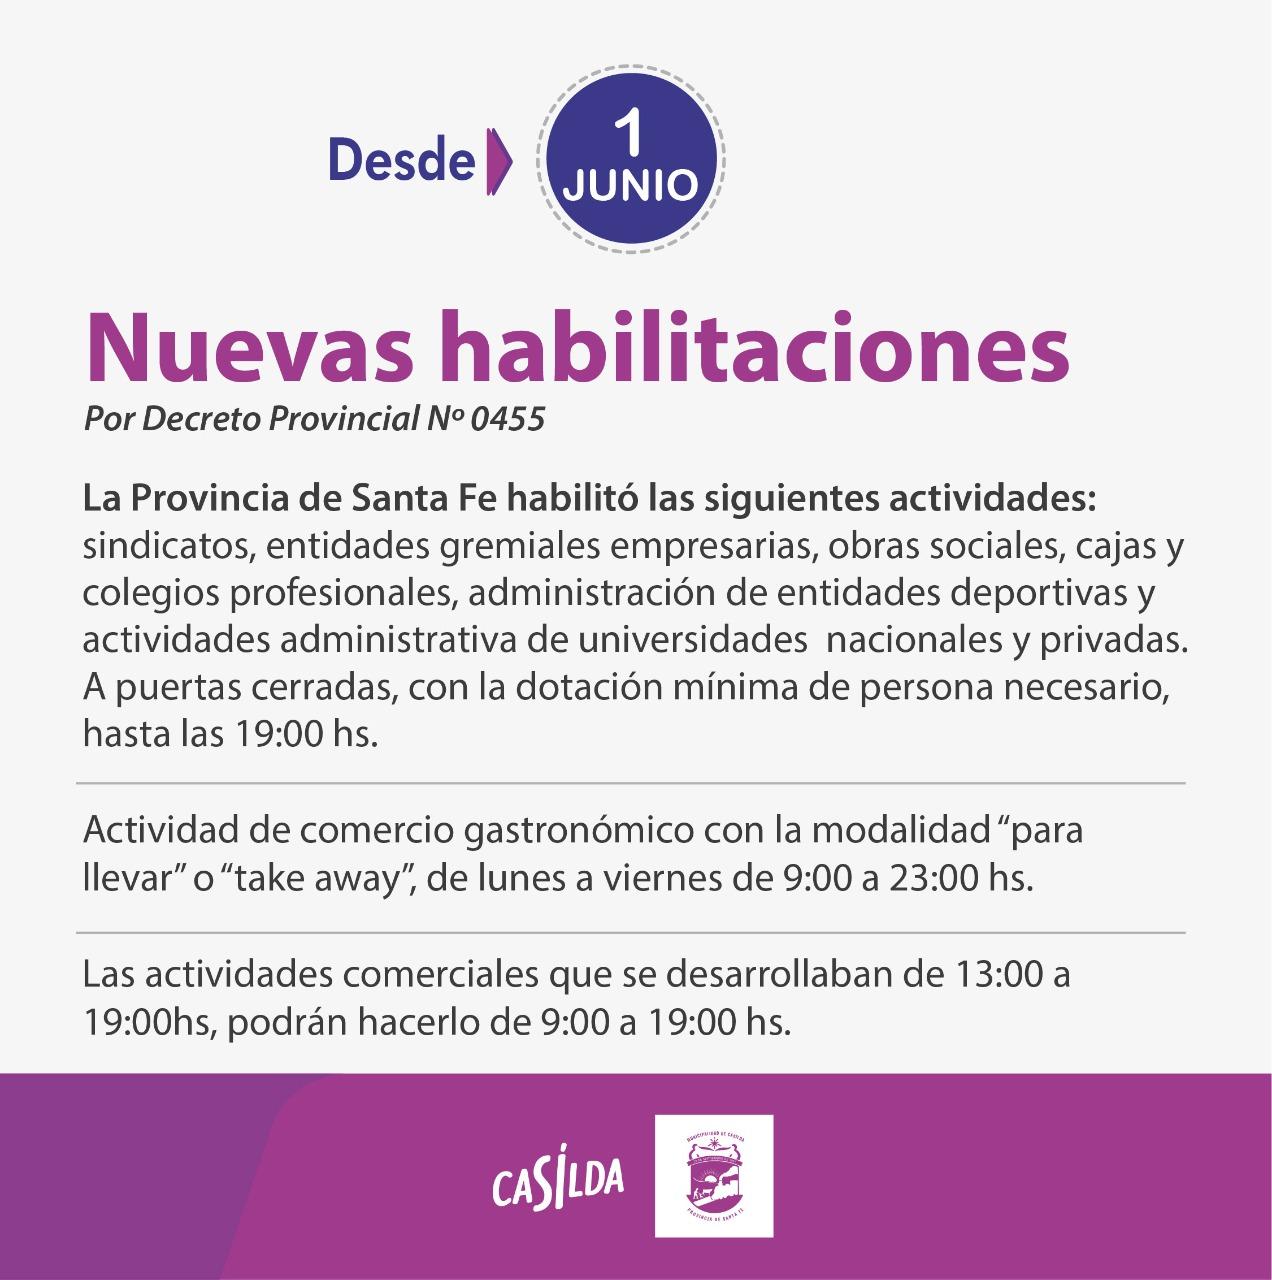 El flyer difundido por la Municipalidad de Casilda.